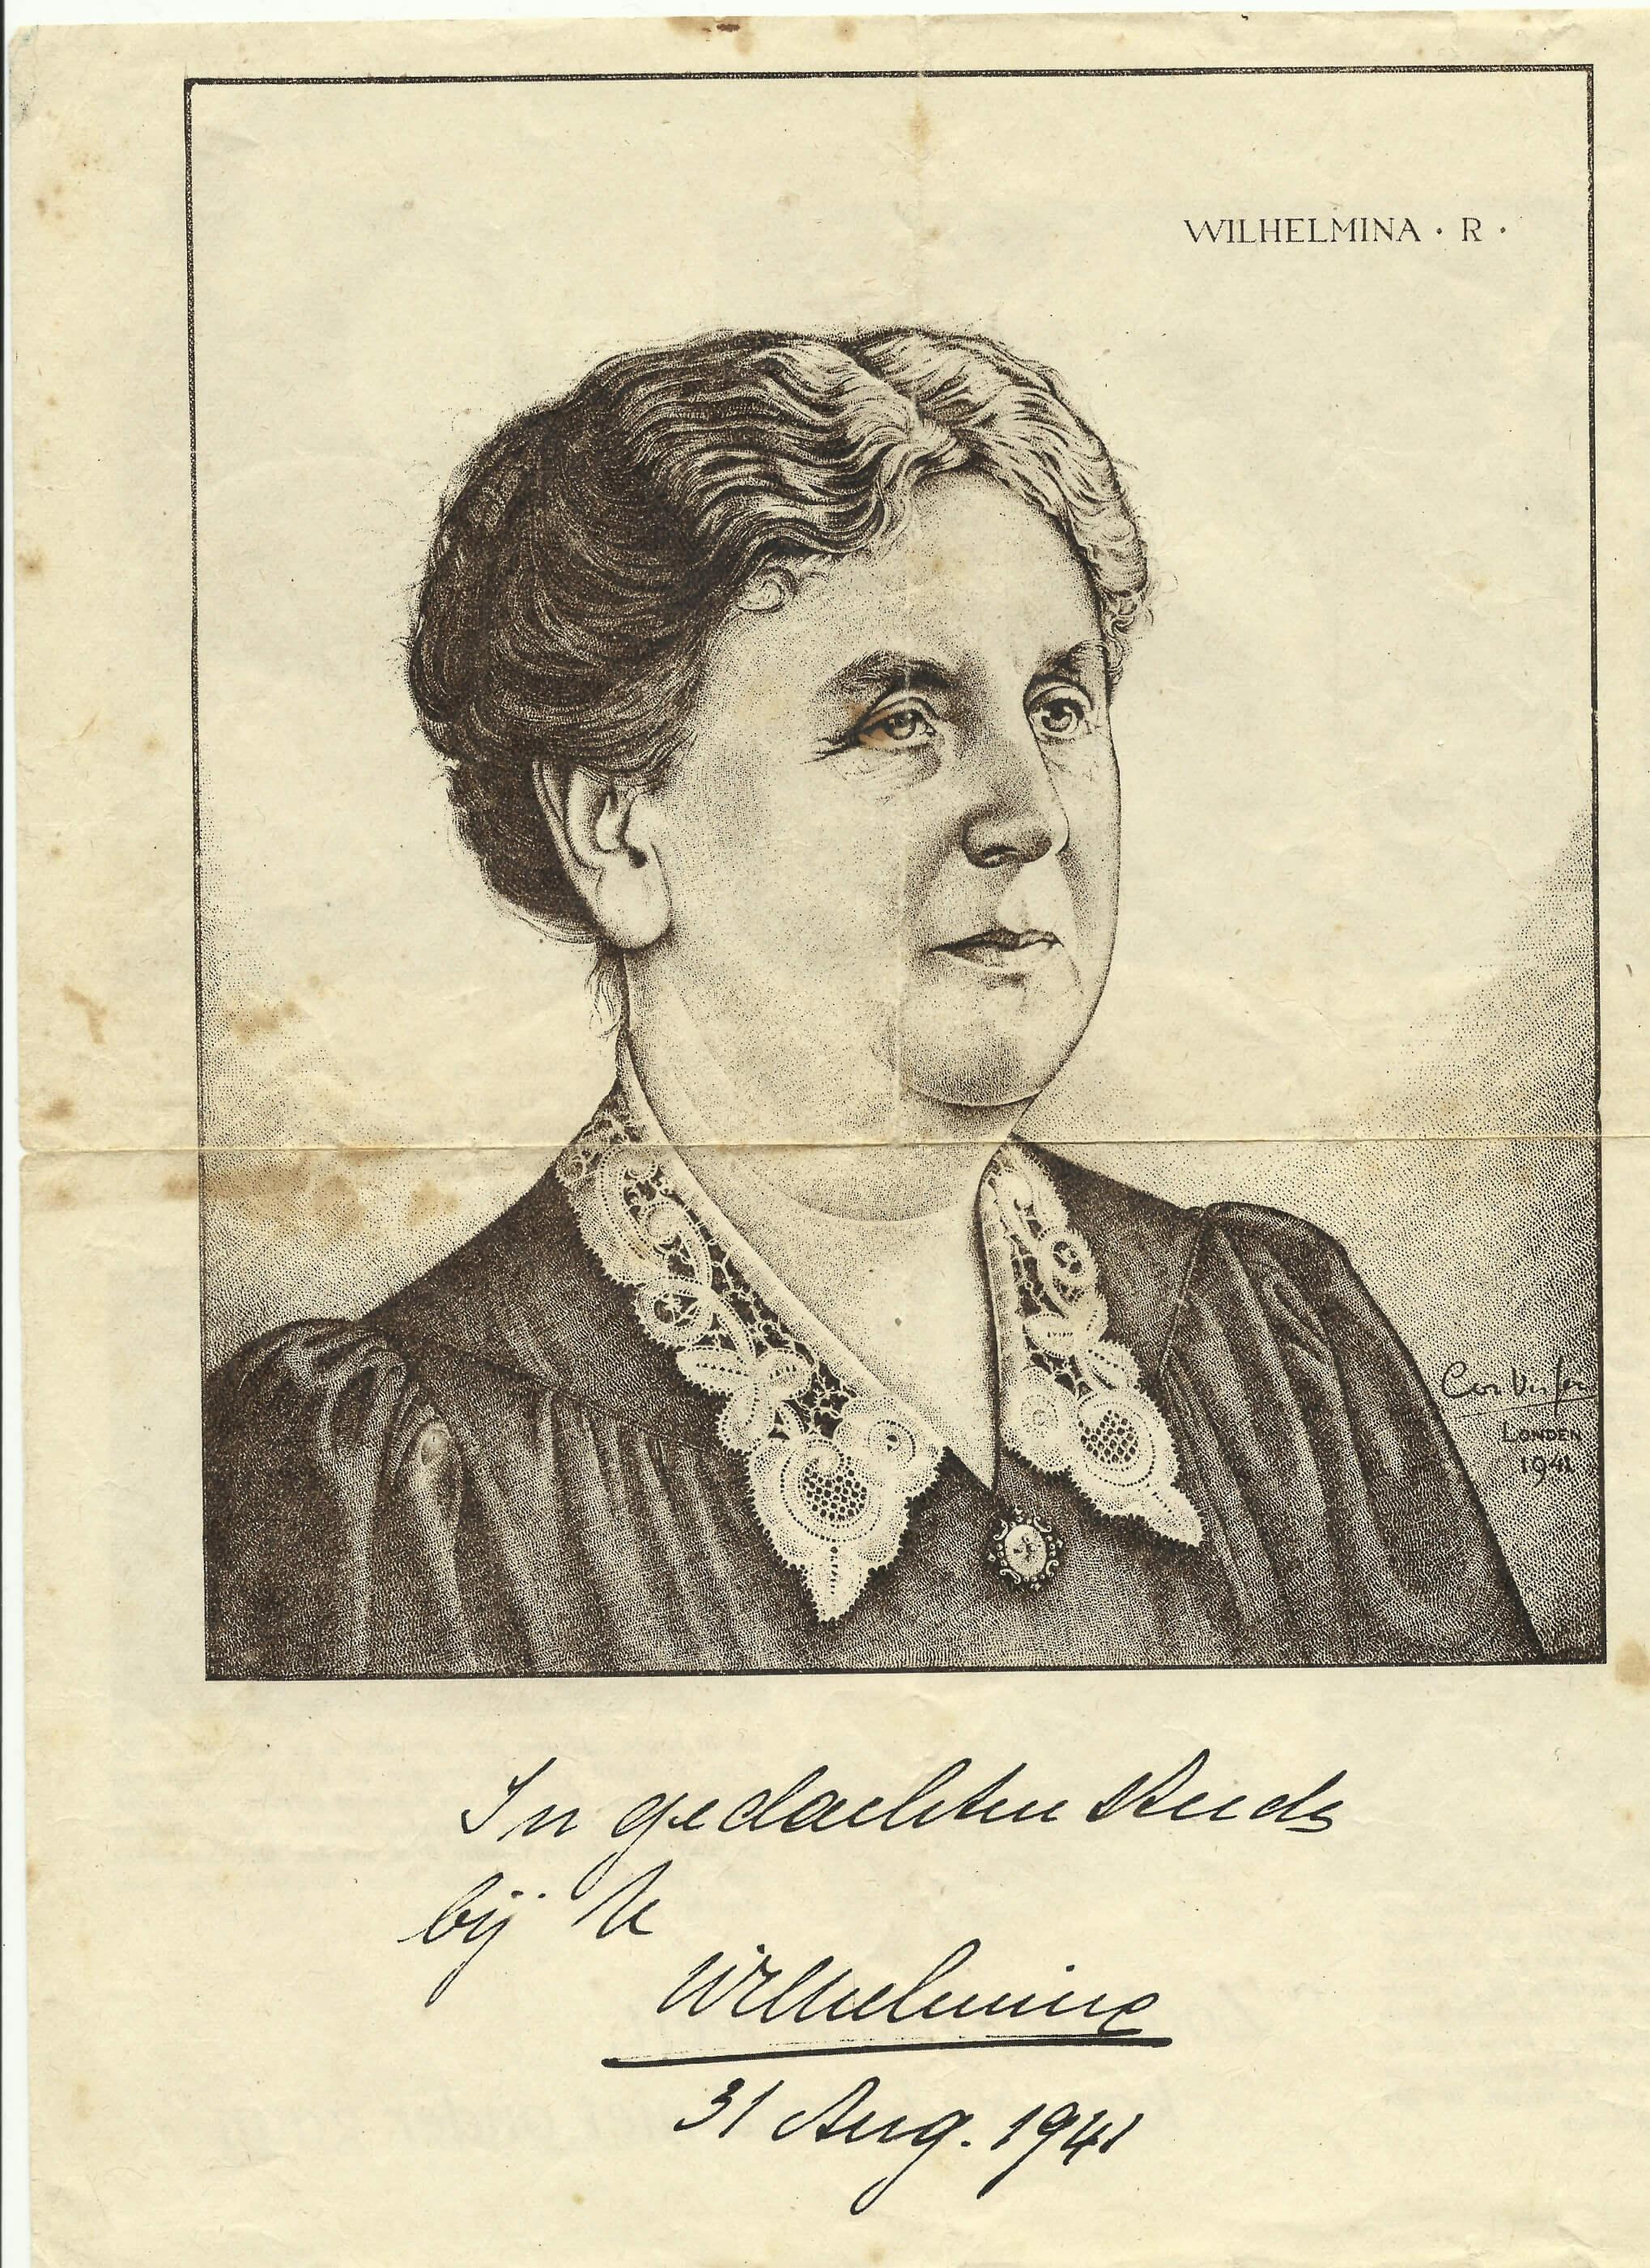 Pamflet Wilhelmina uit de tweede wereldoorlog 31 augustus 1941